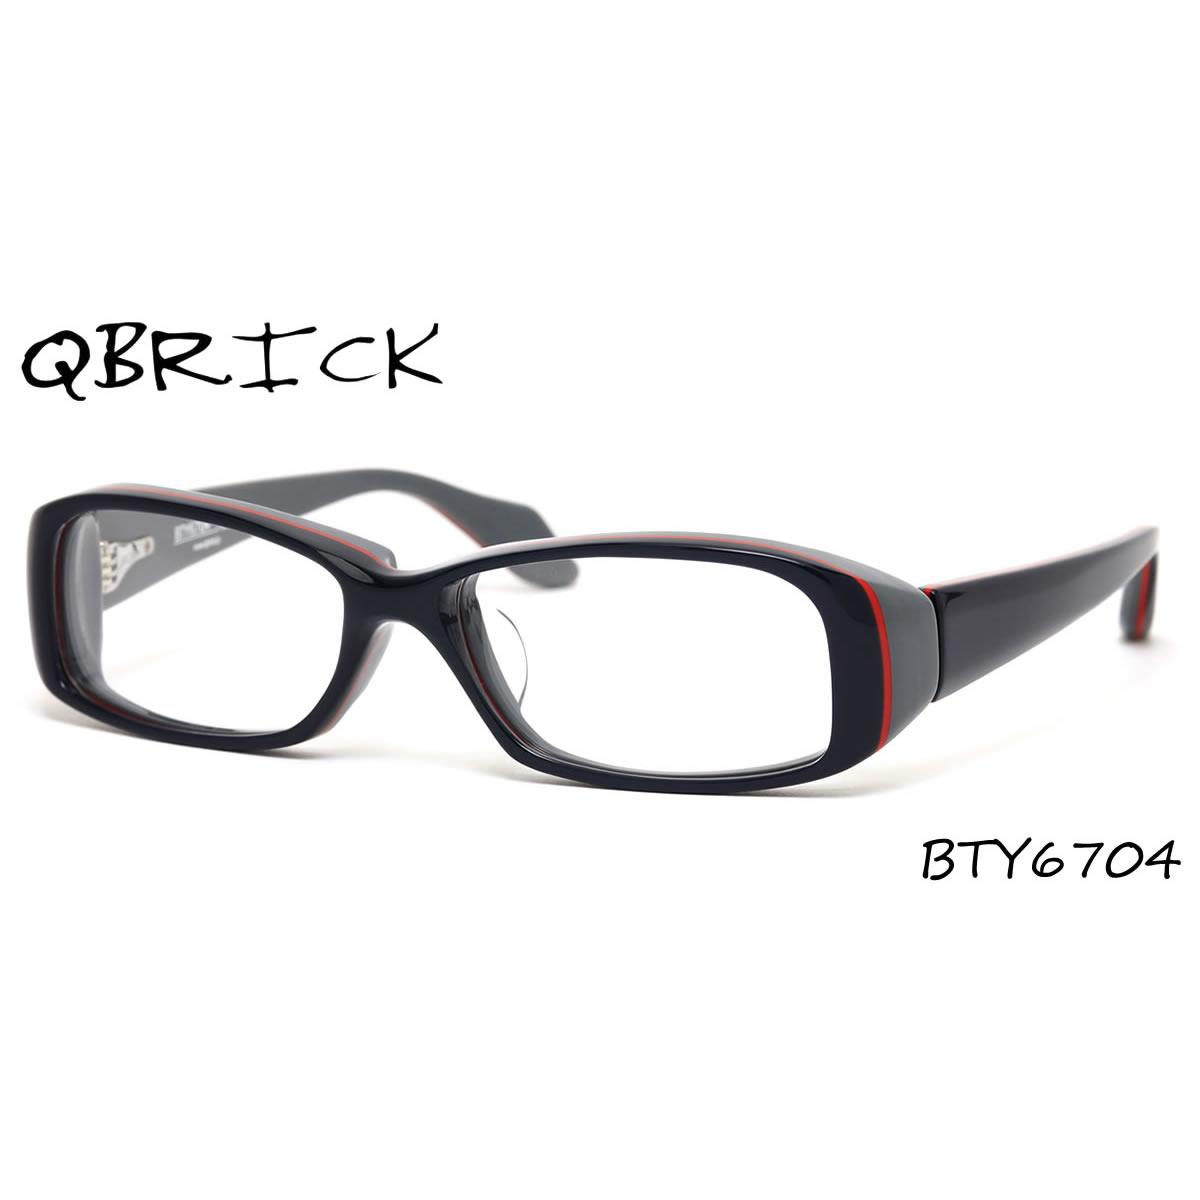 ほぼ全品ポイント15倍~最大43倍+3倍!お得なクーポンも! 【Qbrick】 (キューブリック) メガネ フレーム BTY6704 58サイズ キューブリック QBRICK メンズ レディース